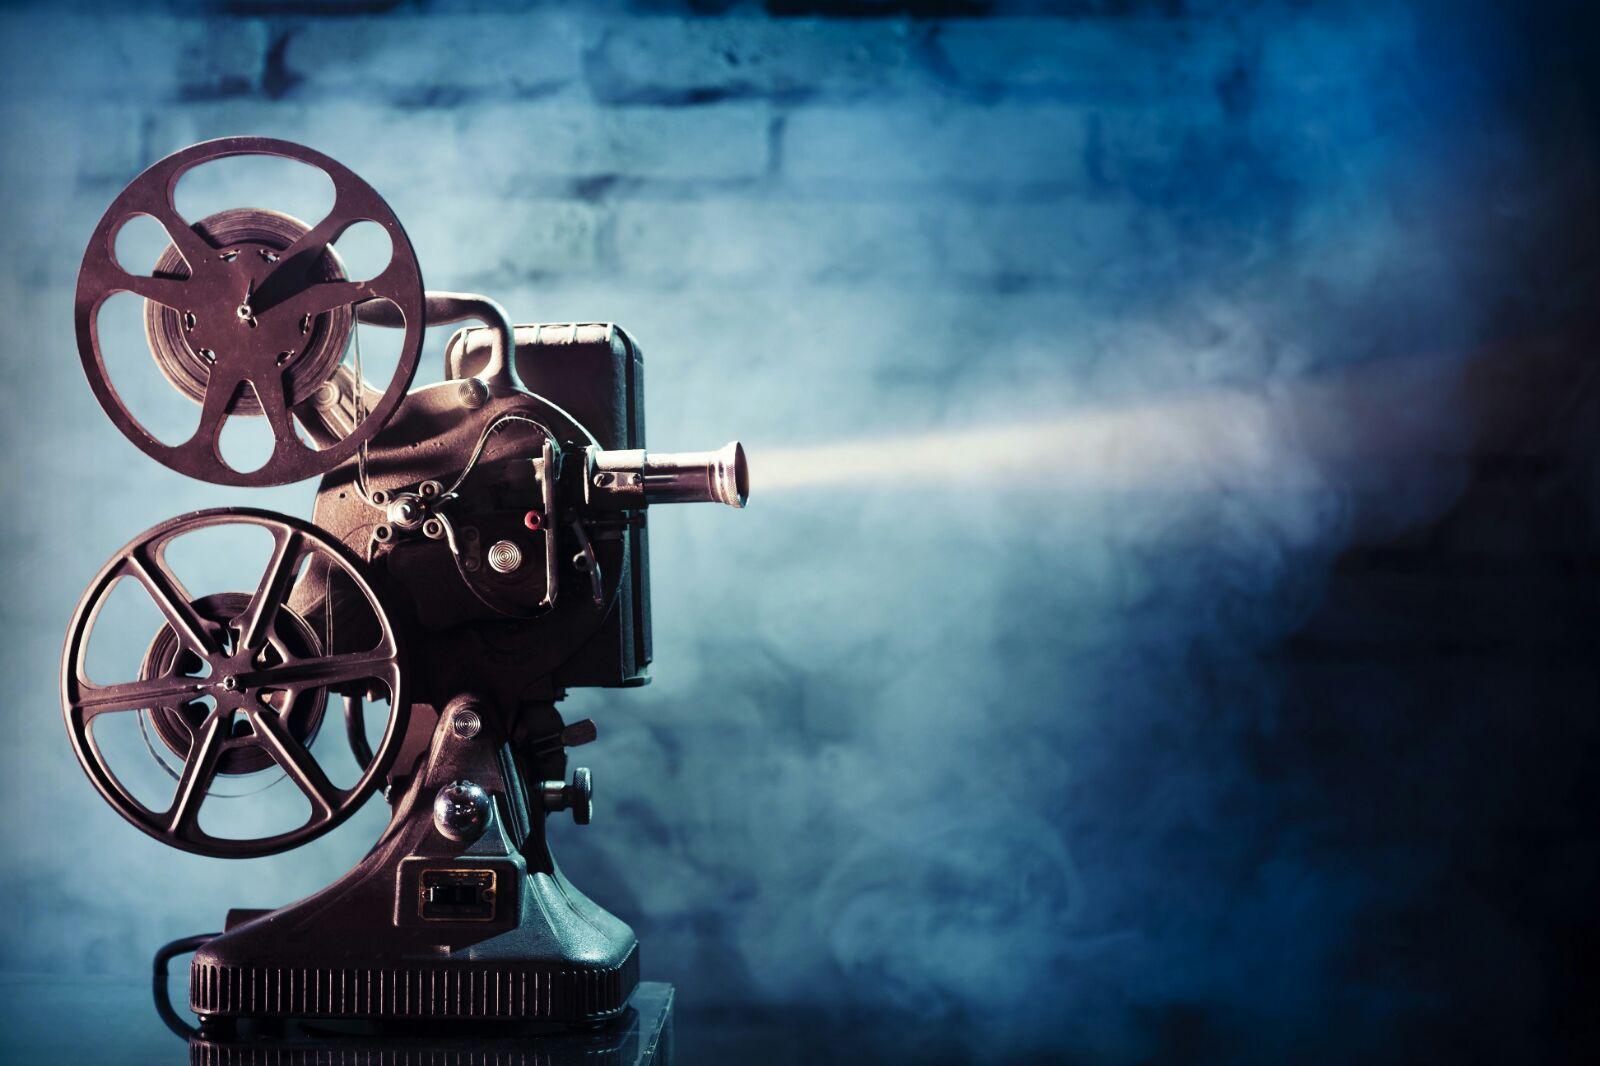 Teal & Orange - Rebbot Nuovi Film - Marzo 2016